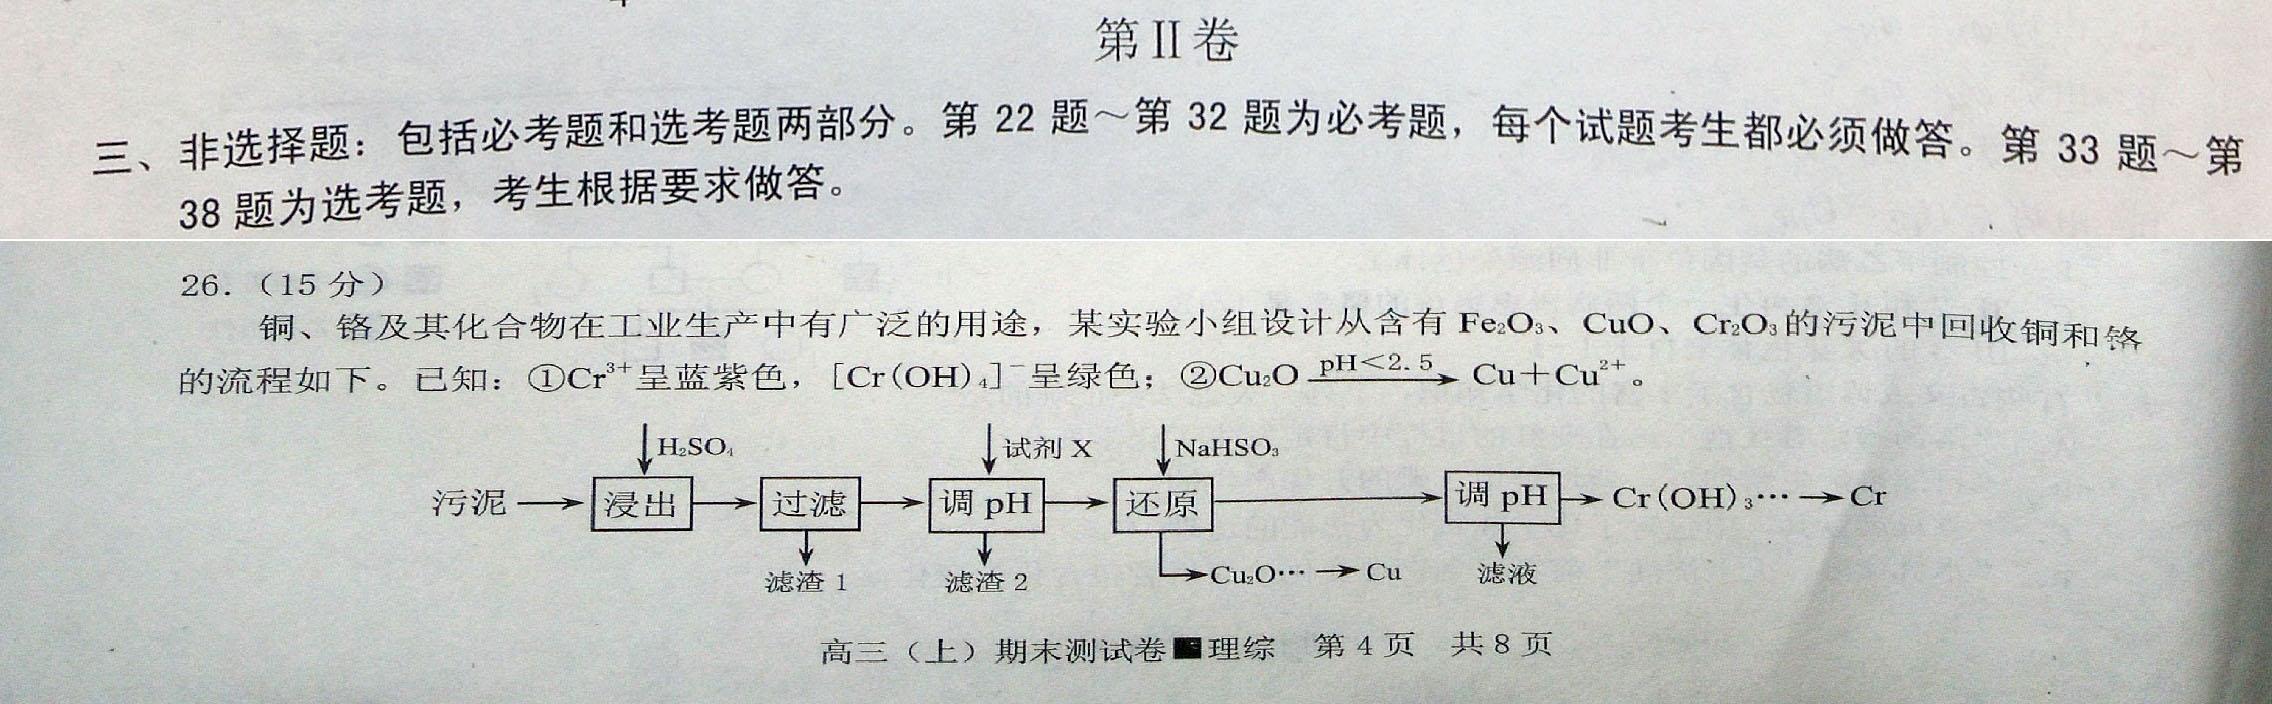 2018重庆高三上学期期末(一诊)化学试卷及答案